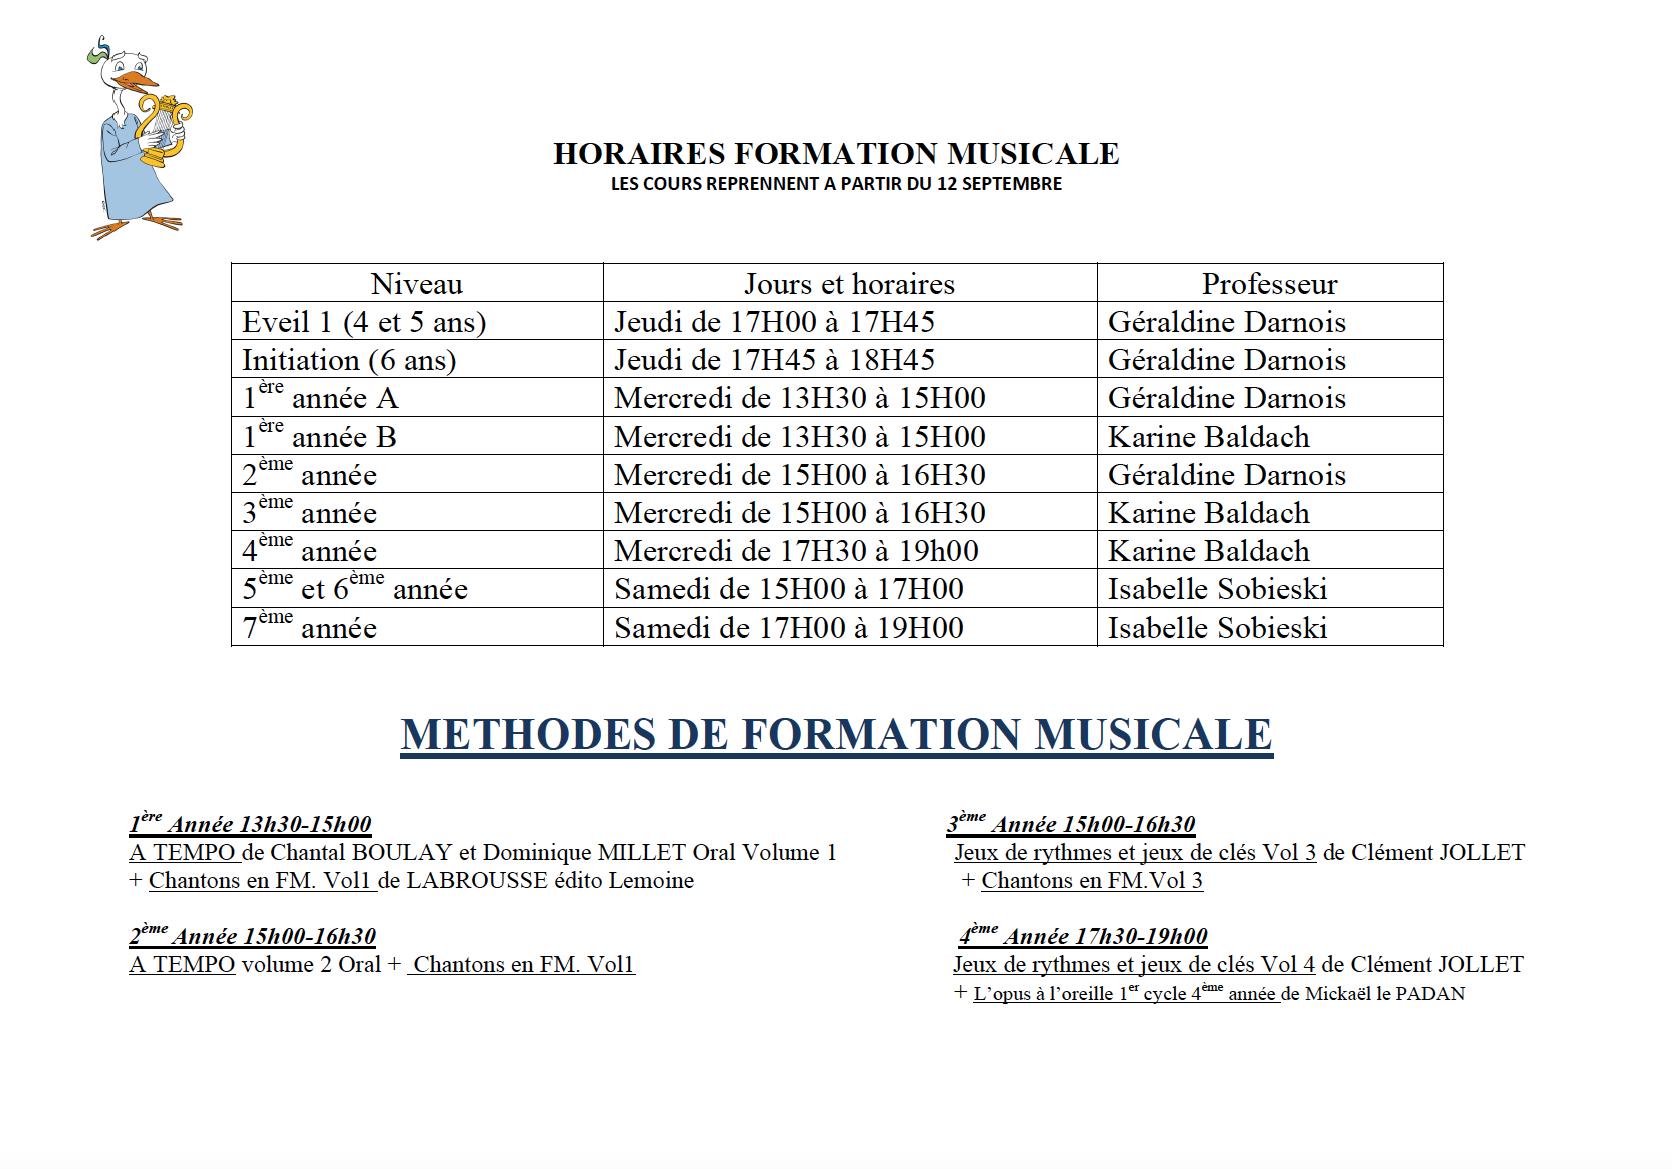 Horaires de la formaton musicale